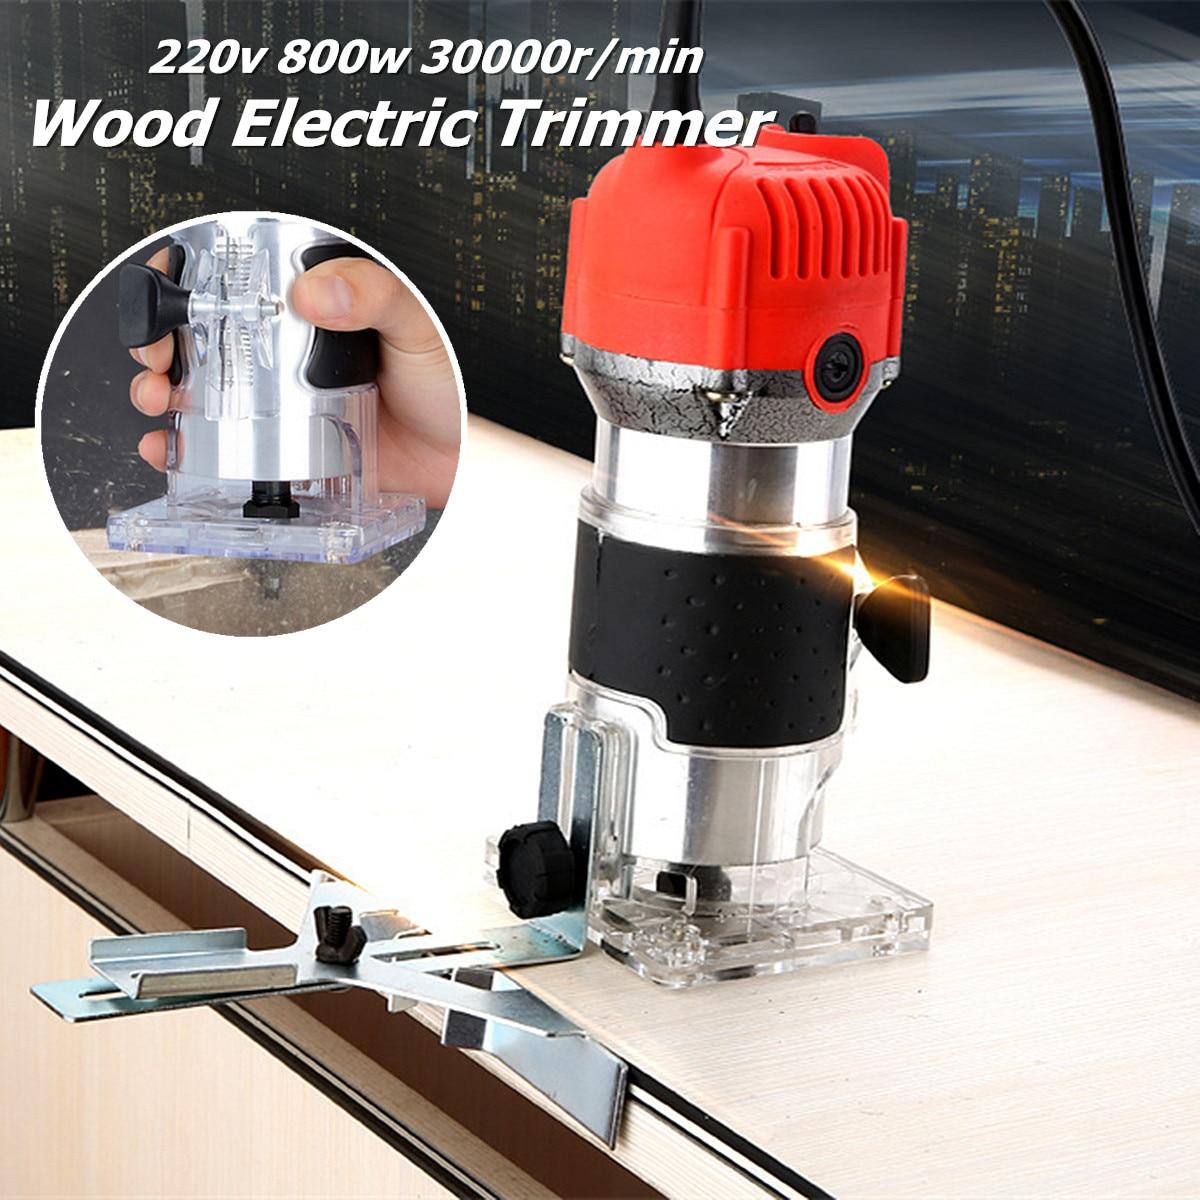 6,35 в 800 Вт 30000r/мин цанговый 220 мм AU Plug Проводные электрический ручной триммер дерево ламинатор маршрутизатор столярные инструменты алюминий ...